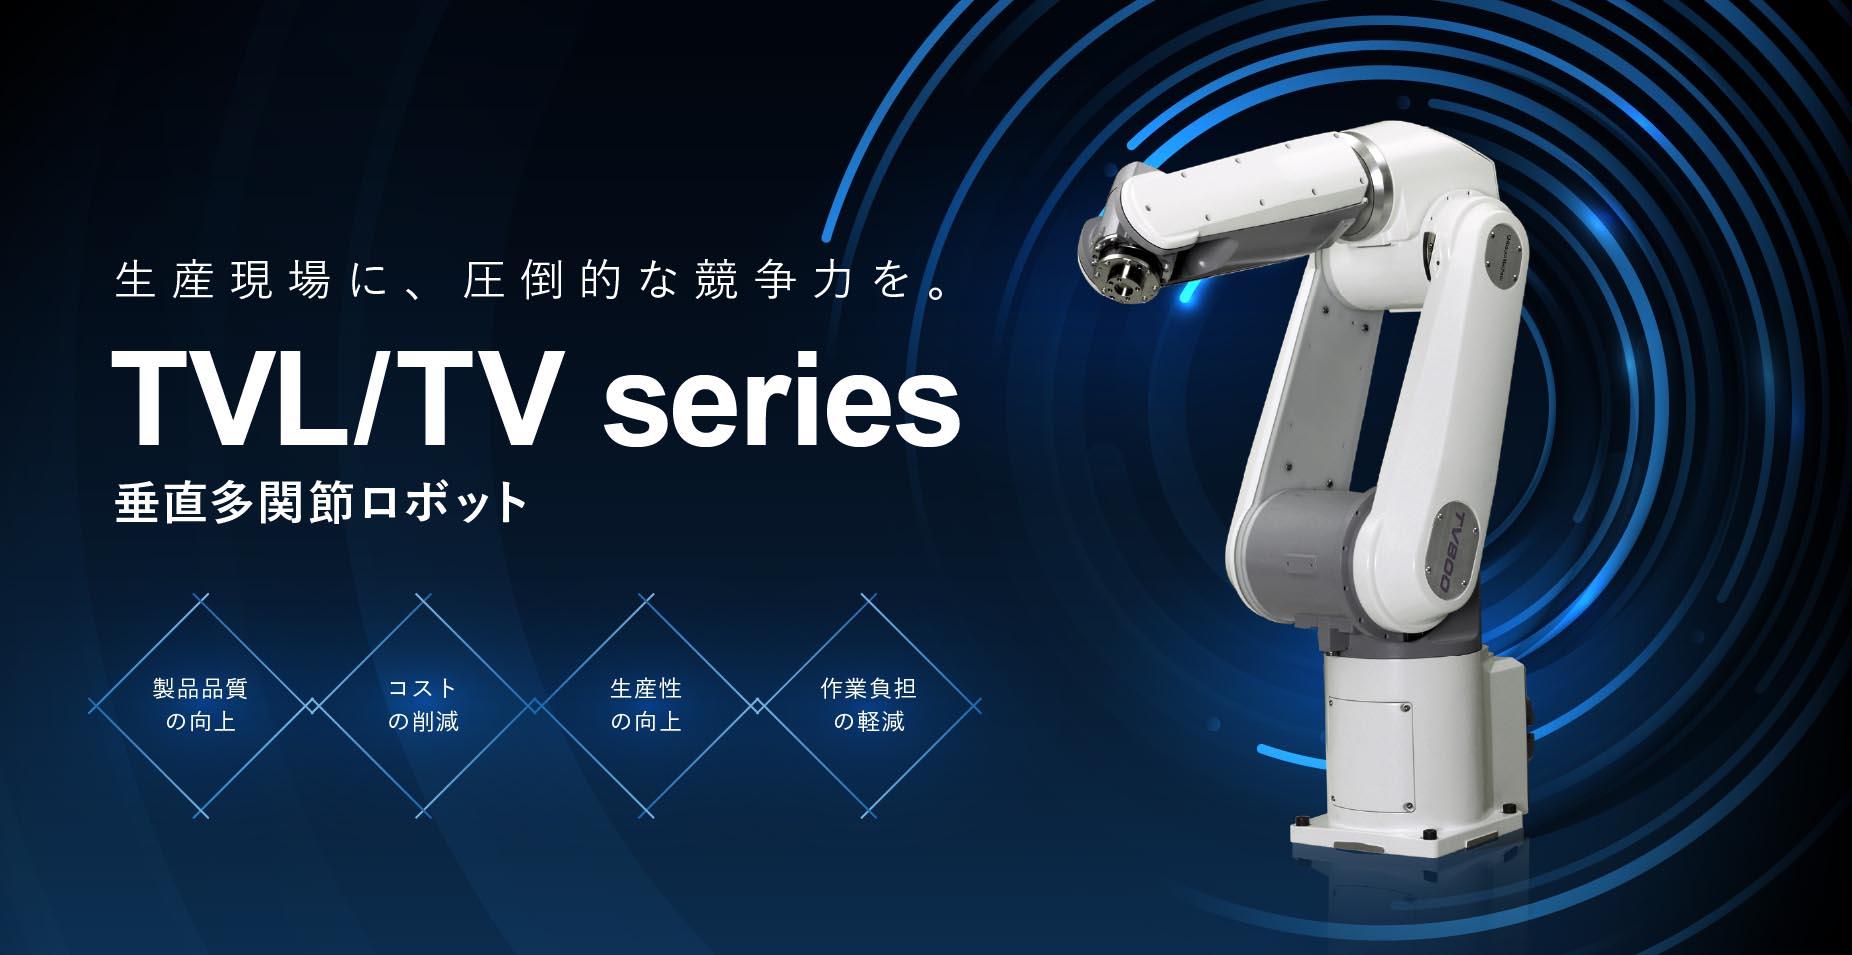 垂直多関節ロボットTVL/TV series